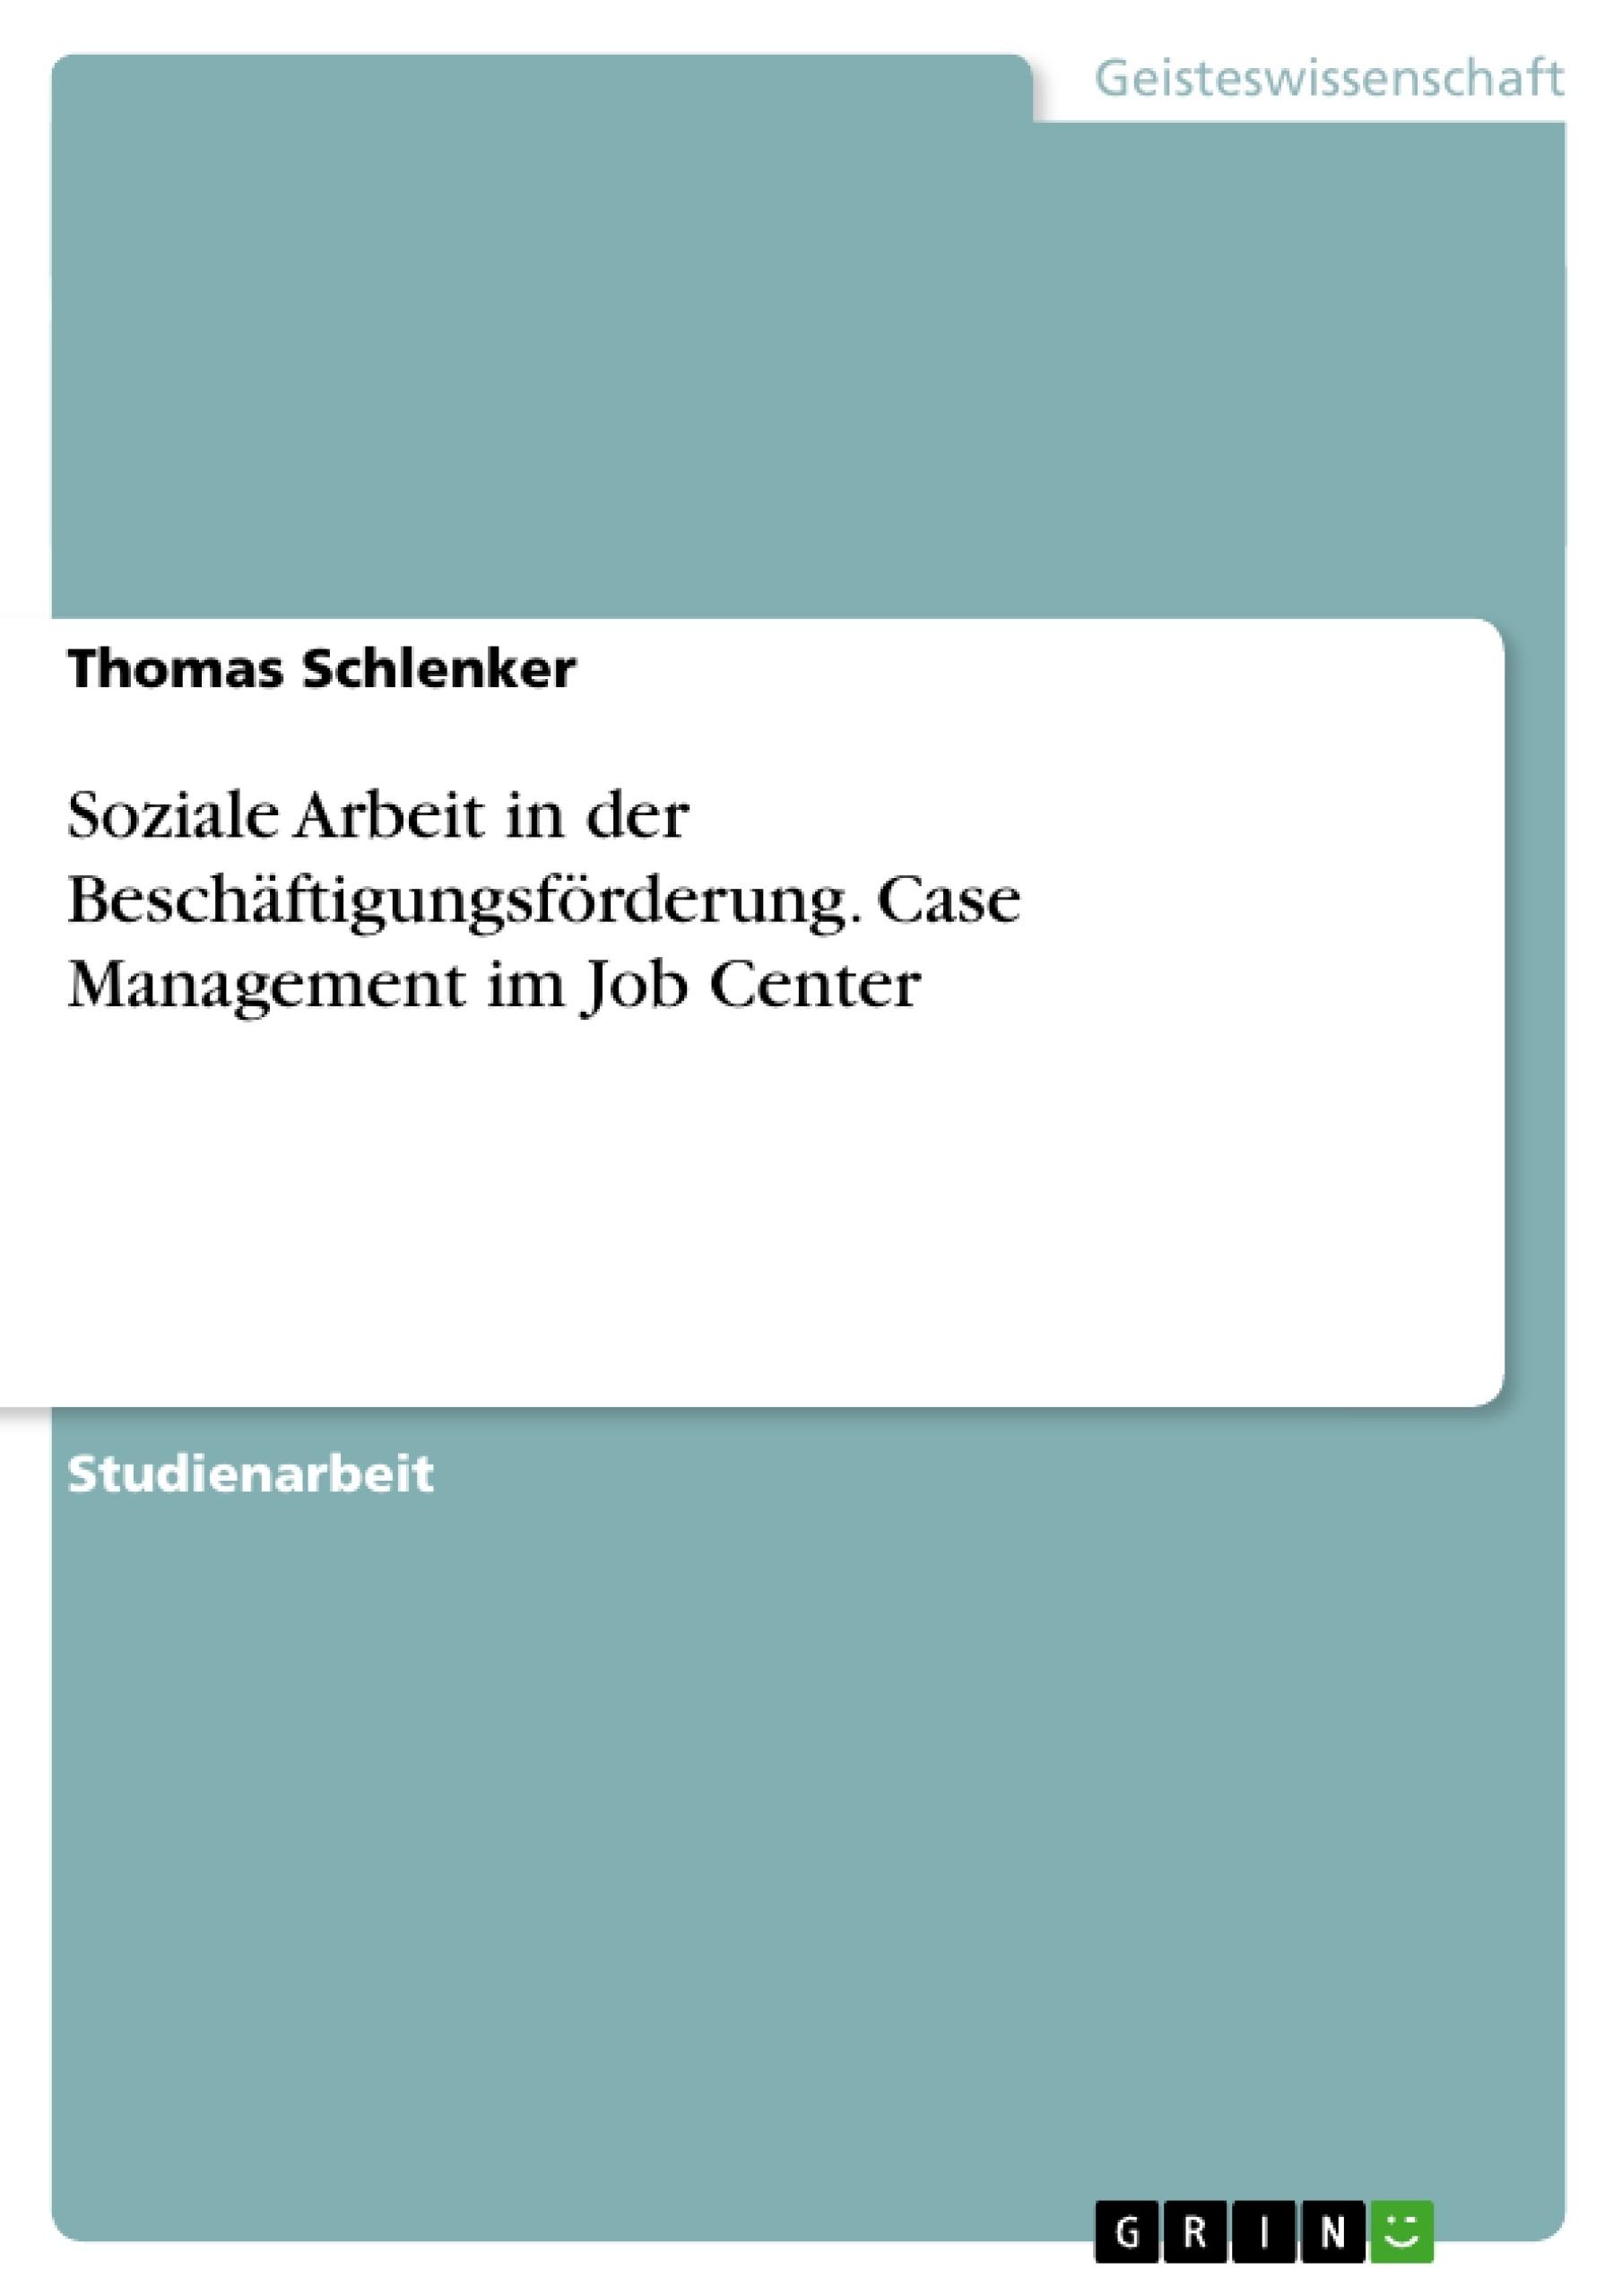 Titel: Soziale Arbeit in der Beschäftigungsförderung. Case Management im Job Center